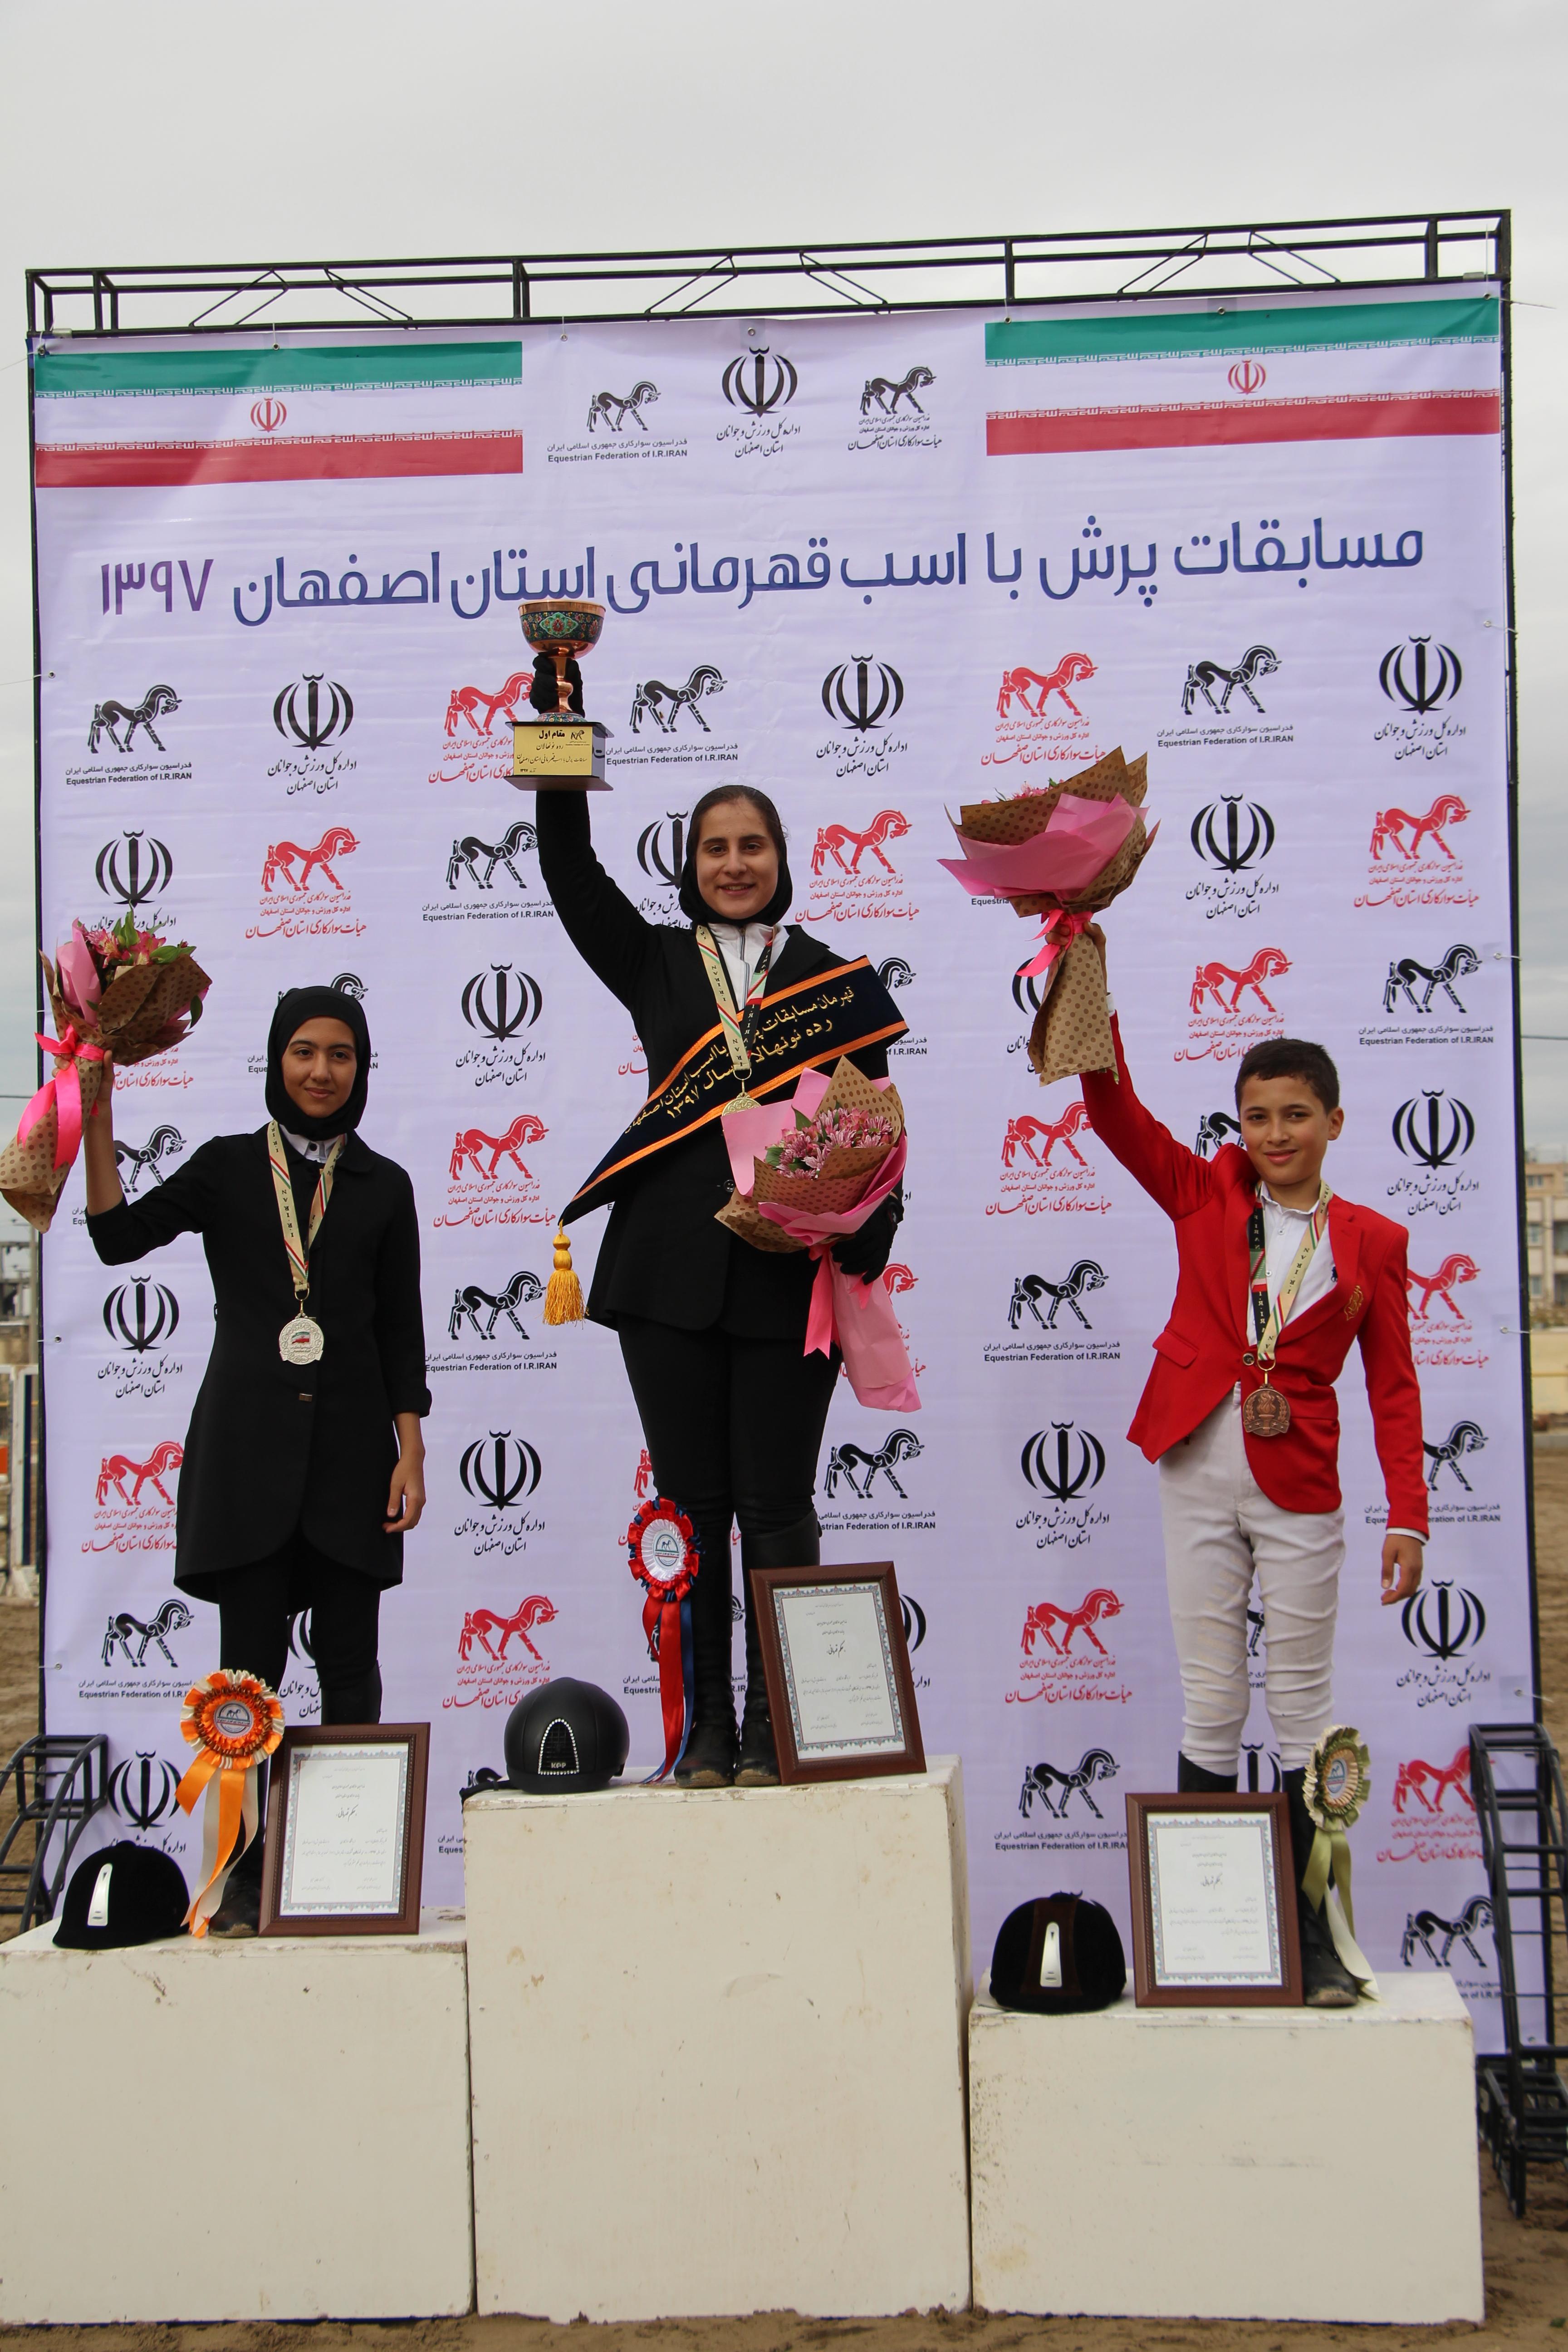 نتایج مسابقه پرش با اسب قهرمانی( نونهالان-نوجوانان-جوانان) استان اصفهان در سال ۹۷